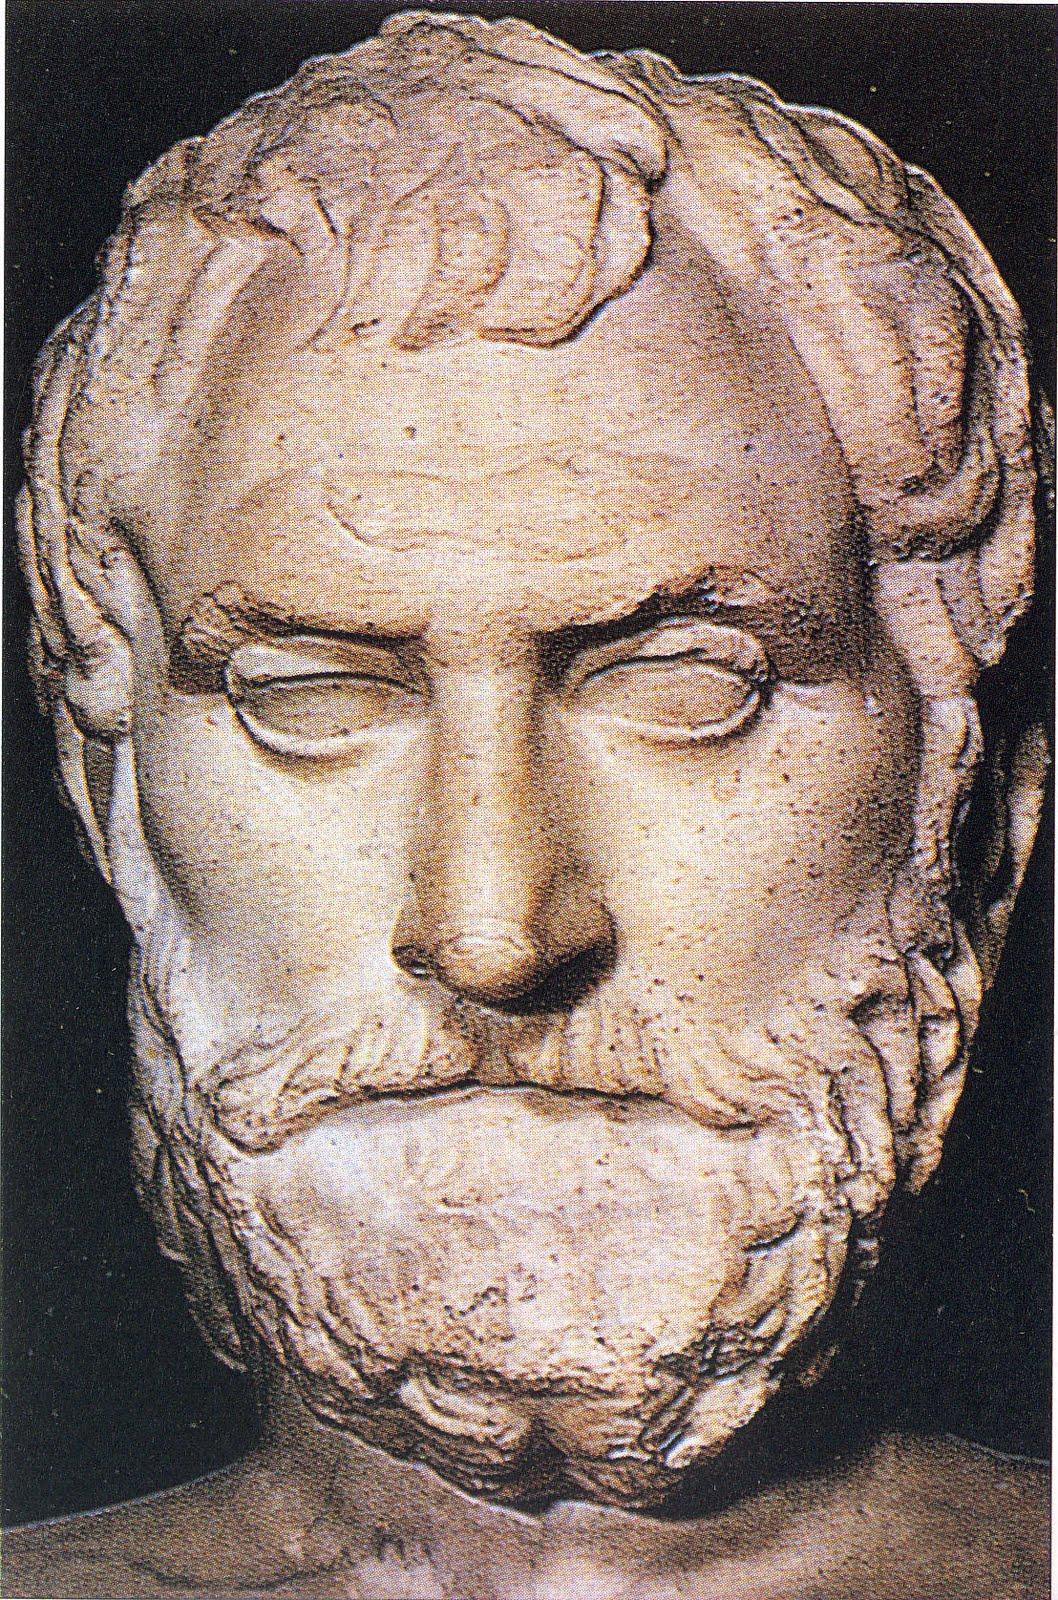 Tales de Mileto: biografía, teorema, frases, aportes, y mucho mas